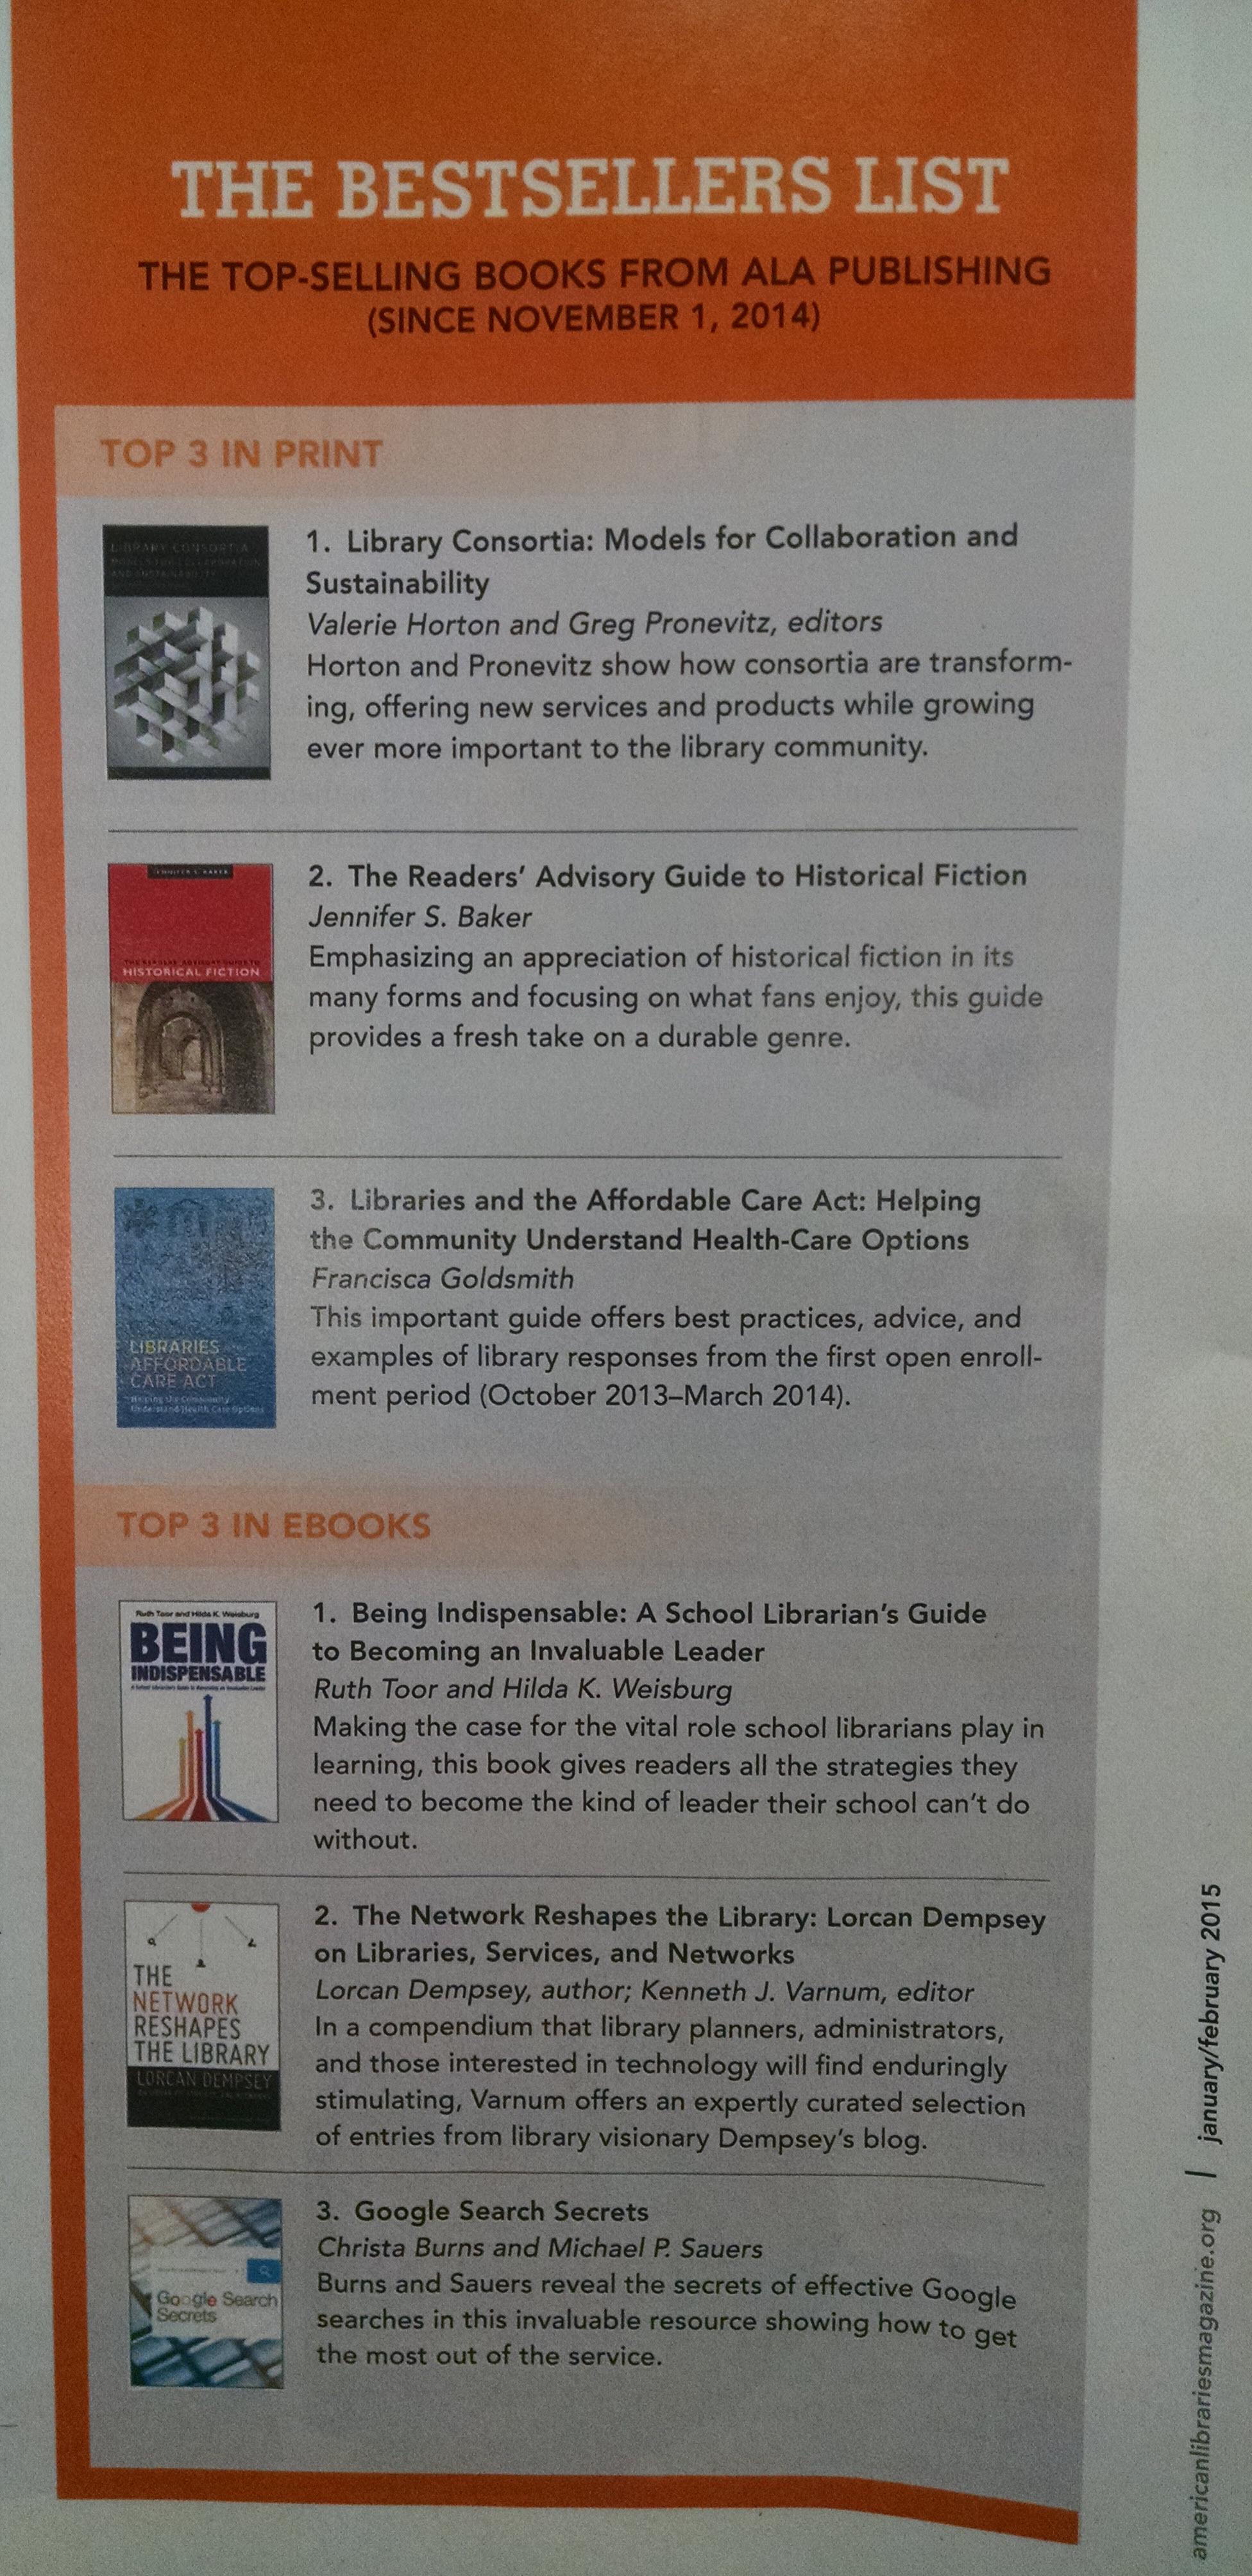 #3 eBook Bestseller